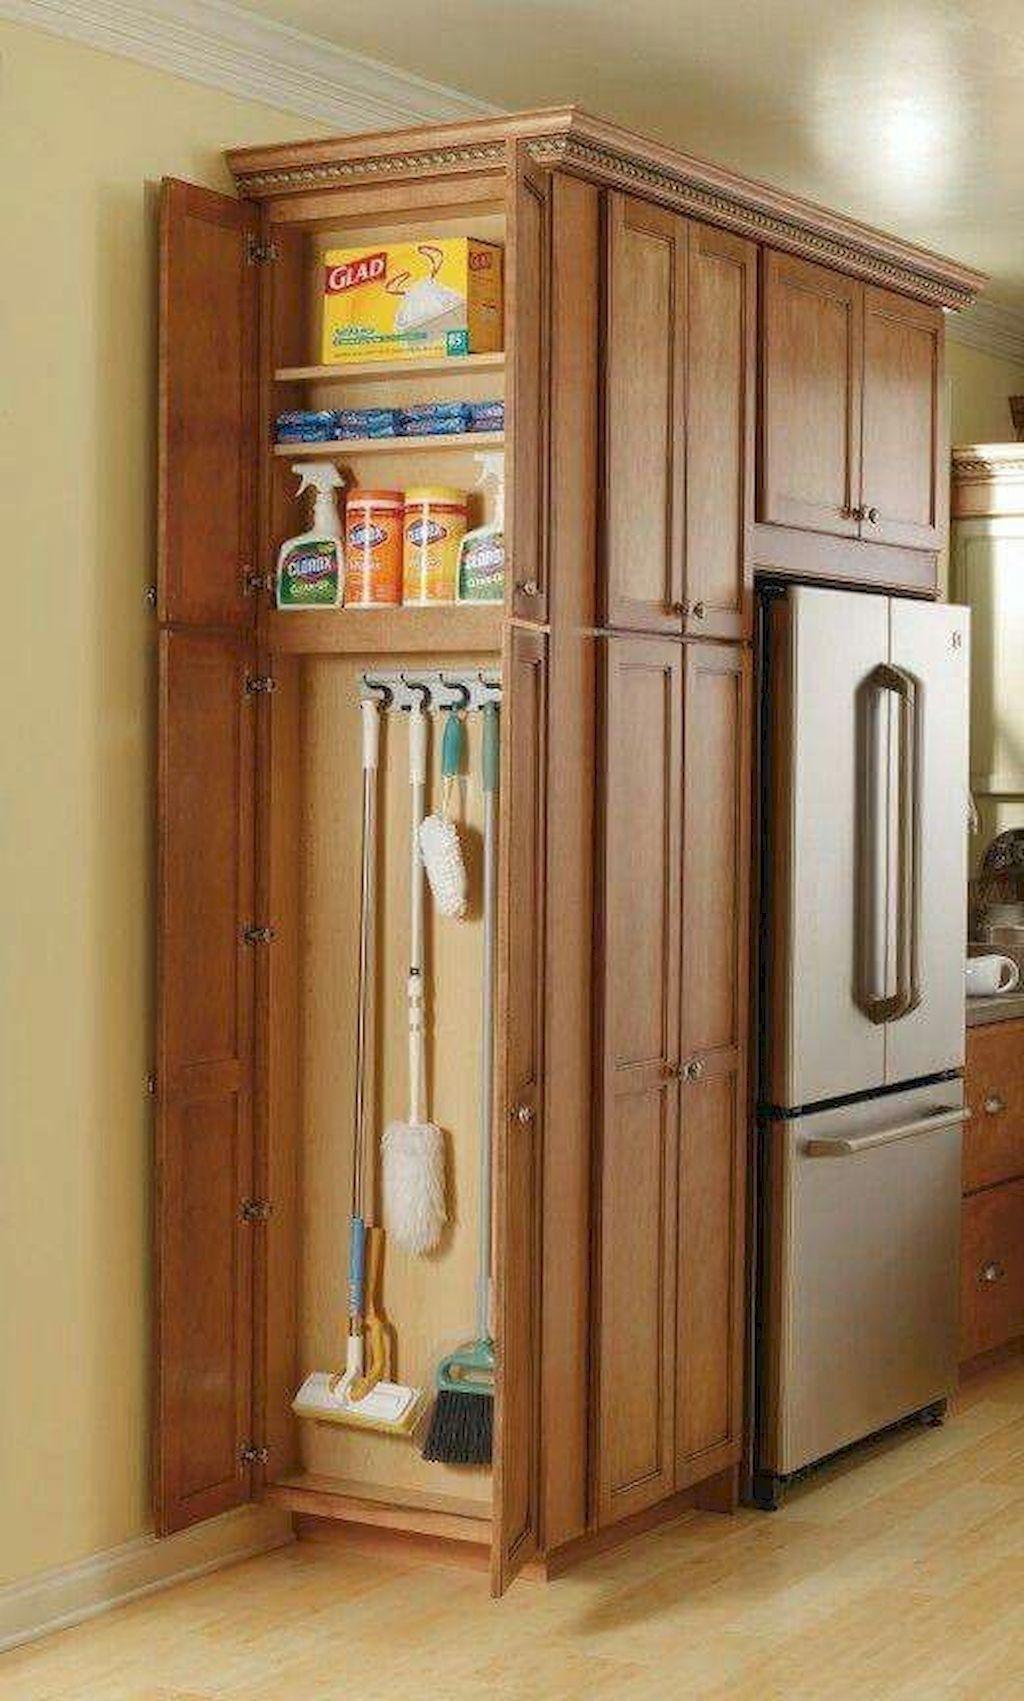 Best 30 Nice And Simple Kitchen Storage Organization Ideas 640 x 480